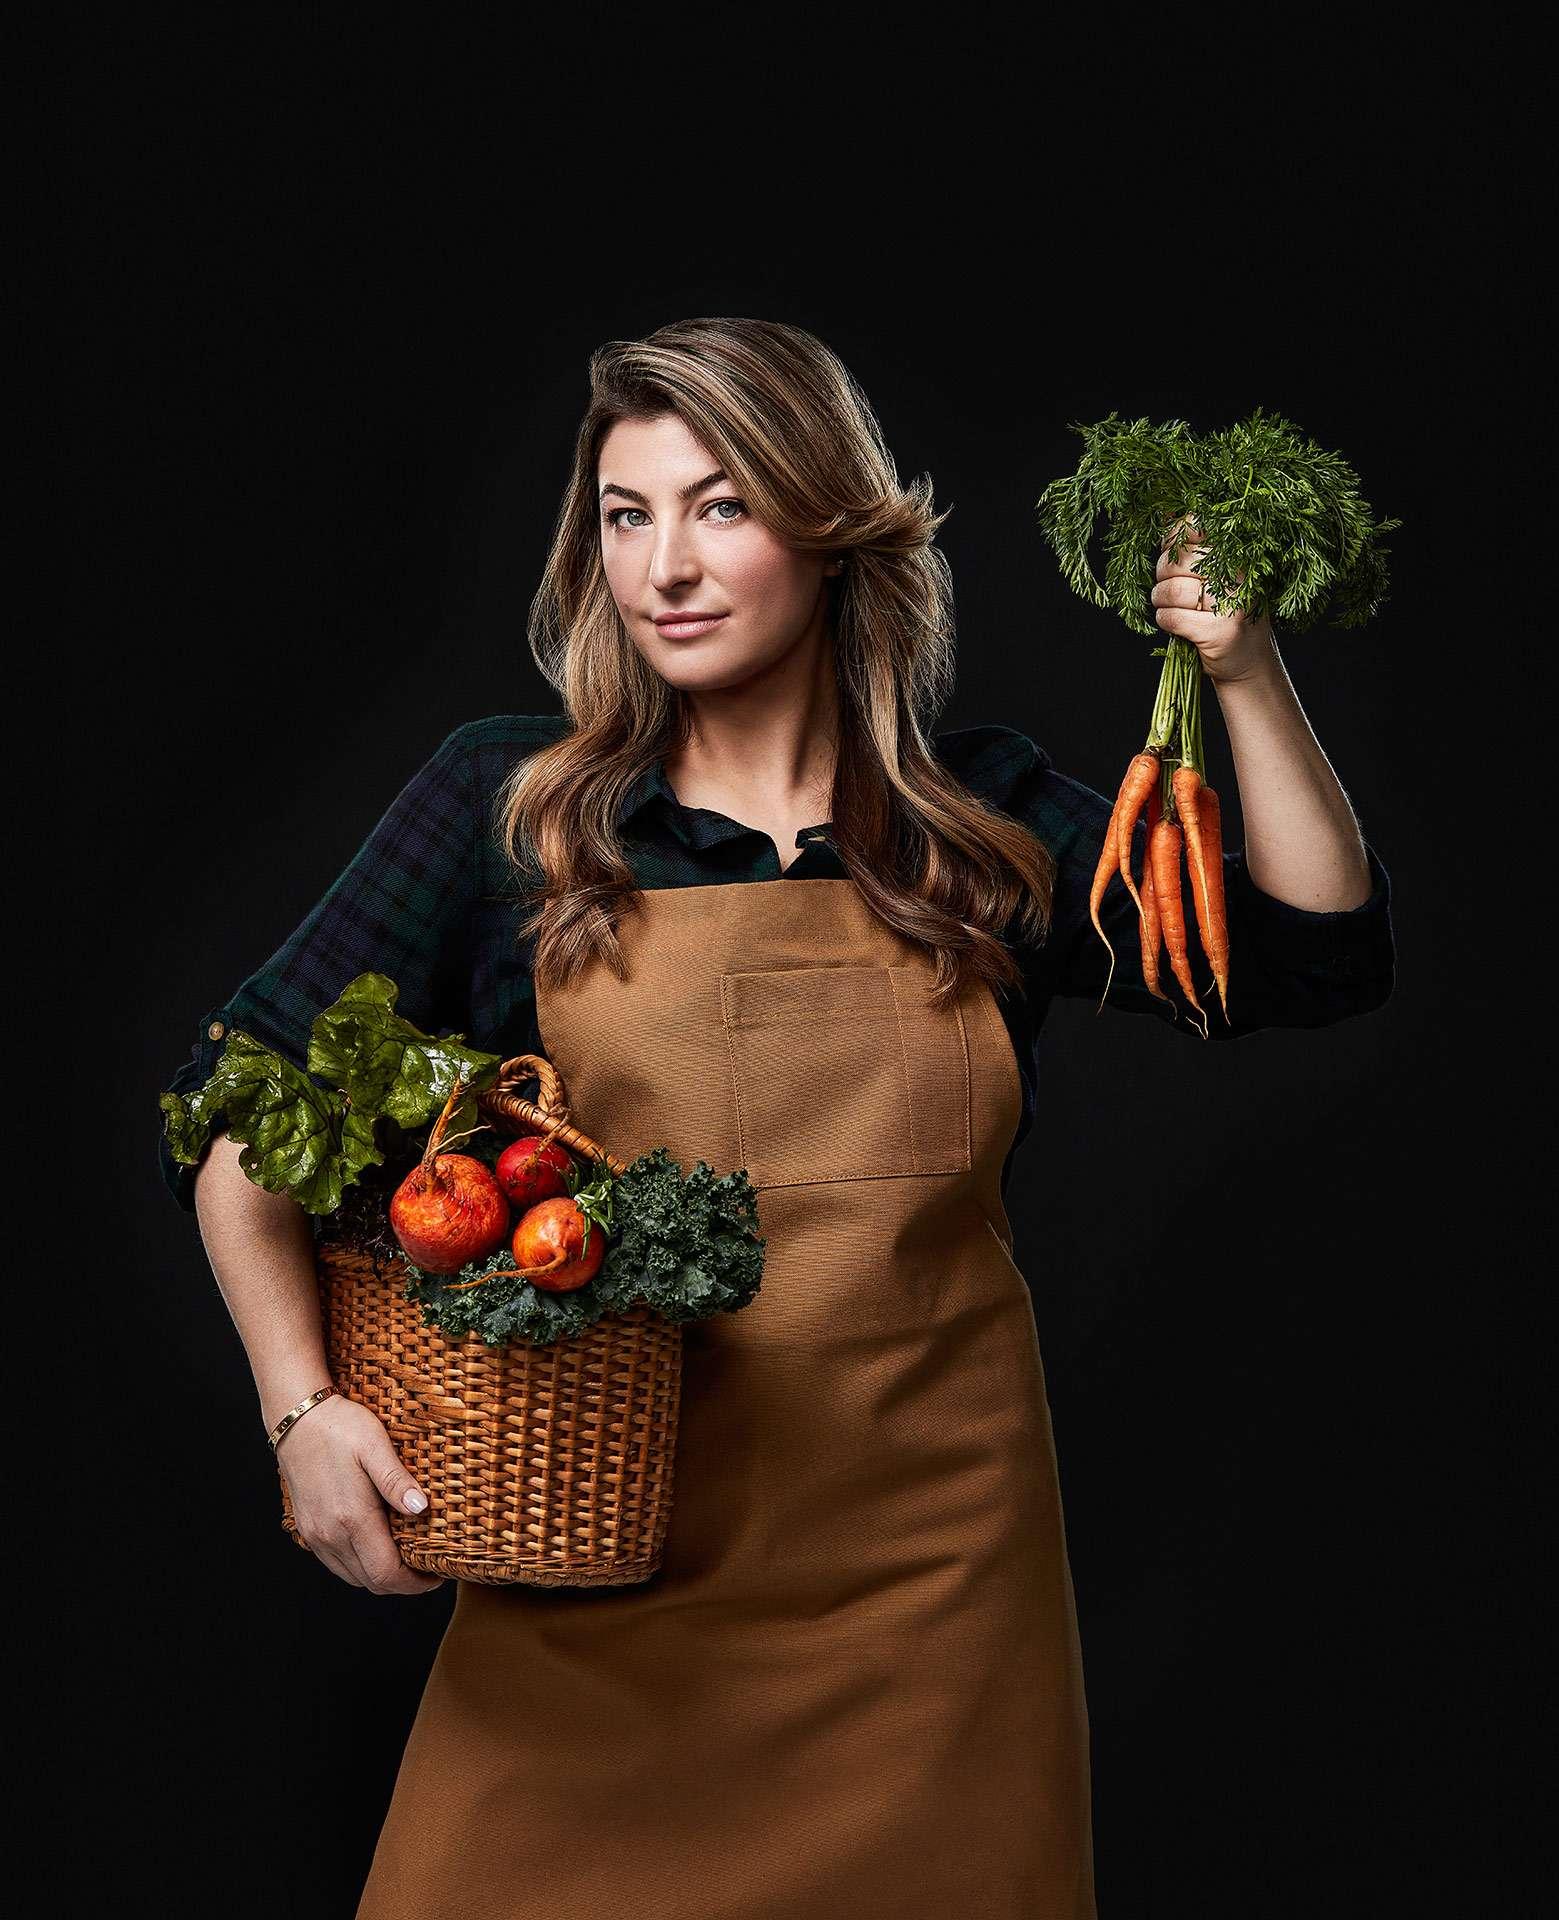 portrait de la chef Reagan Steinberg portant un panier en osier pleins de légumes sous un bras et tenant une botte de carotte dans l'autre main par Jocelyn Michel pour le Cathcart